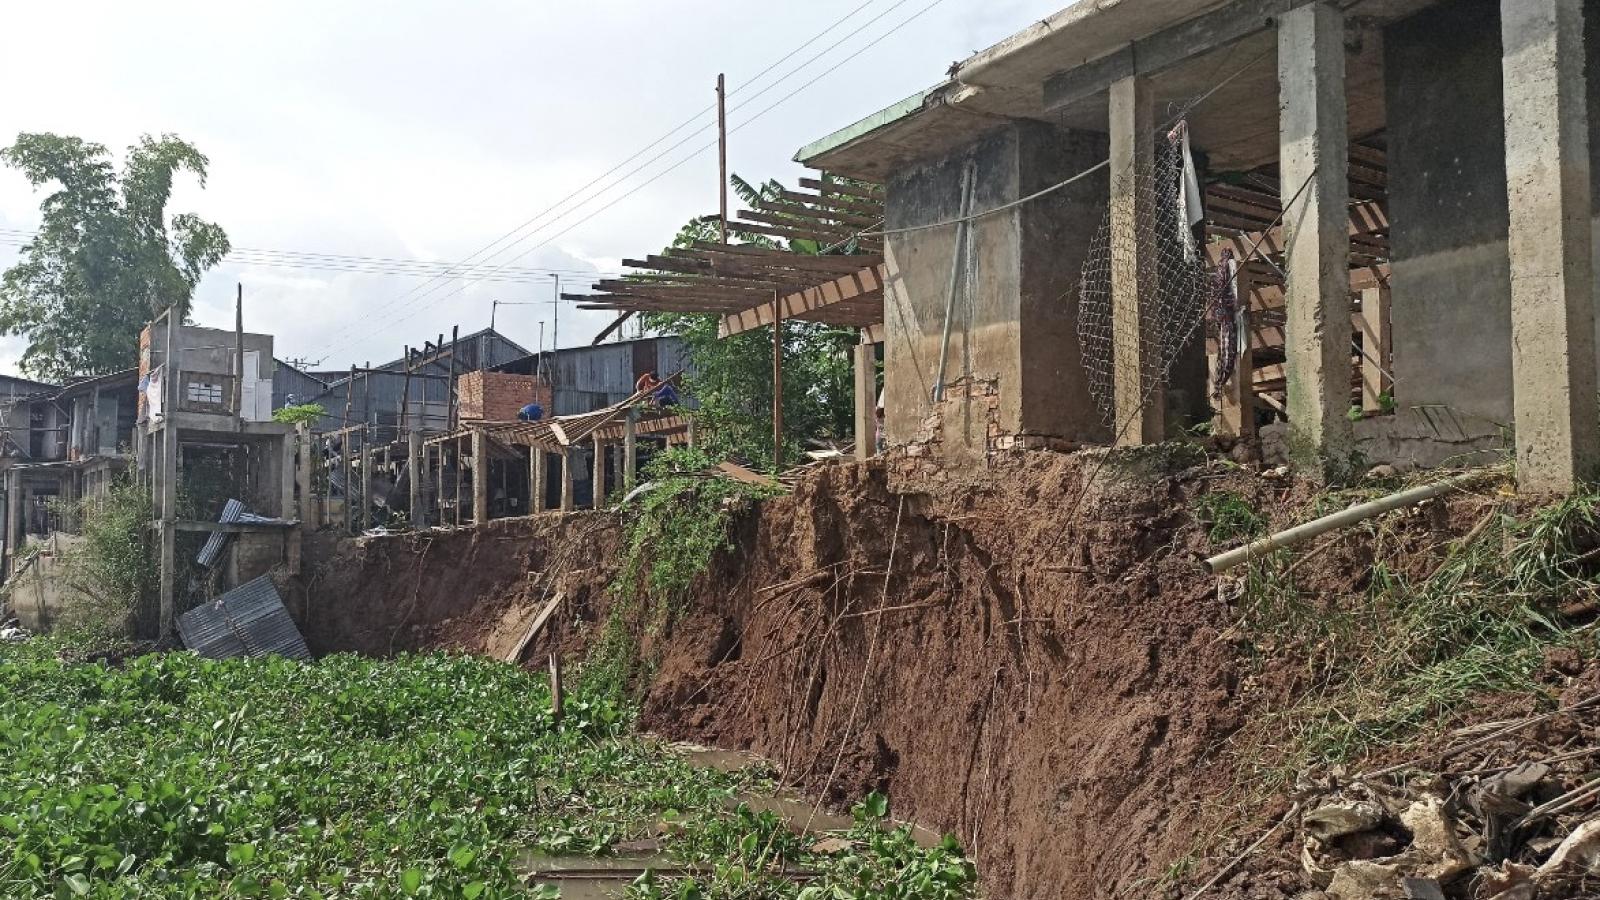 Sạt lở nghiêm trọng ở An Giang, 6 nhà dân phải di dời khẩn cấp